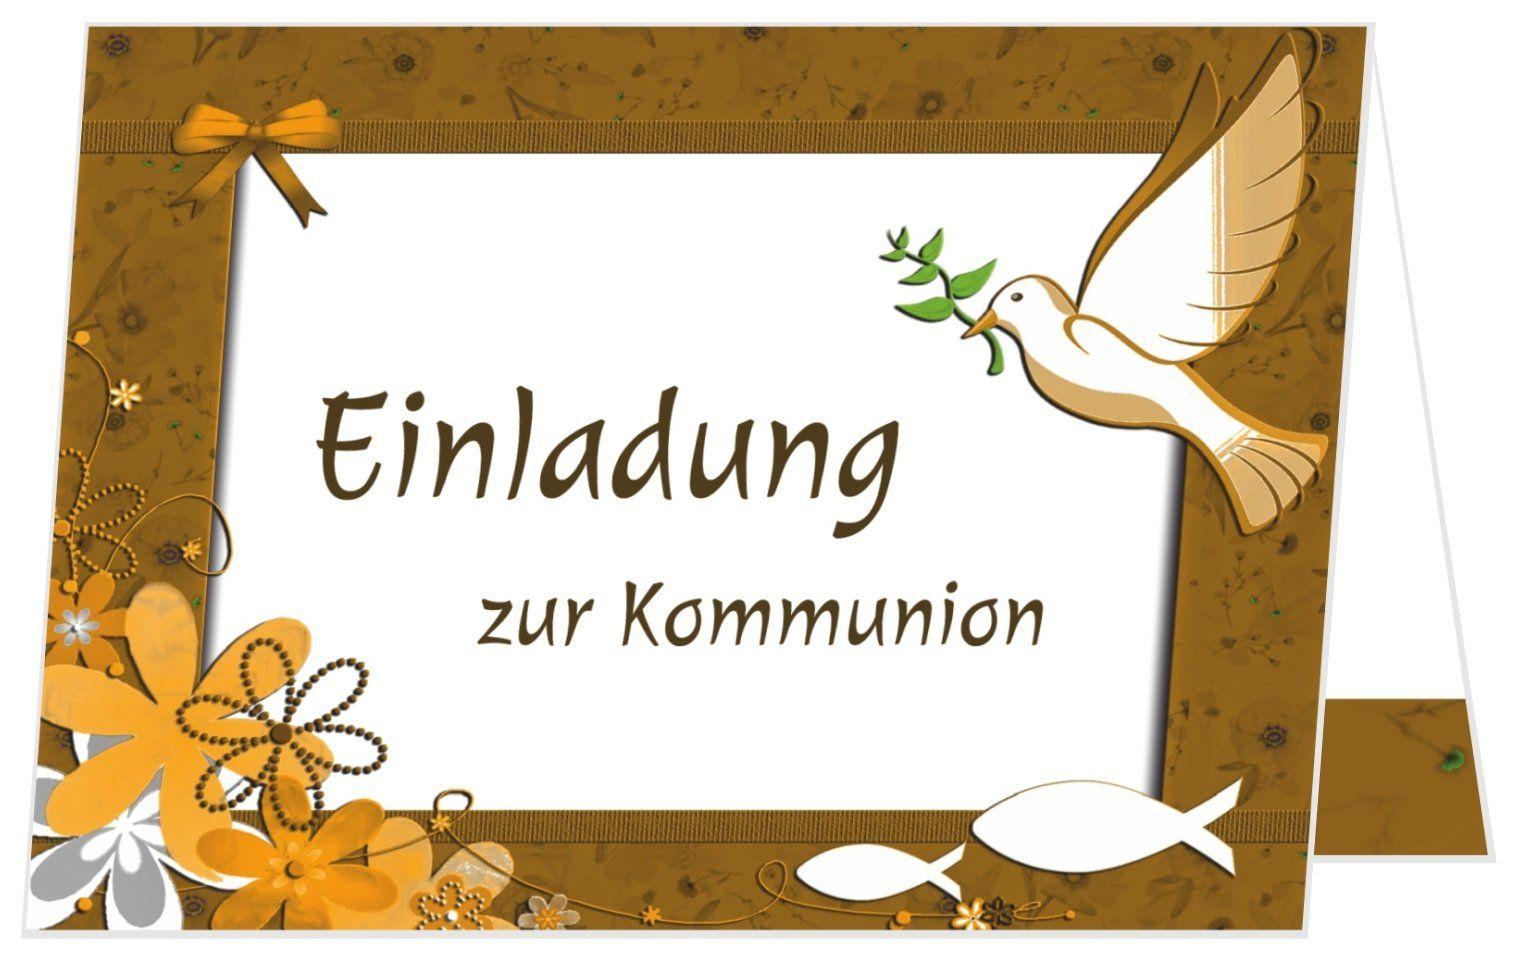 Kommunionkarte Als Klappkarte Einladung Einladung Kommunion Einladung Basteln Einladungen